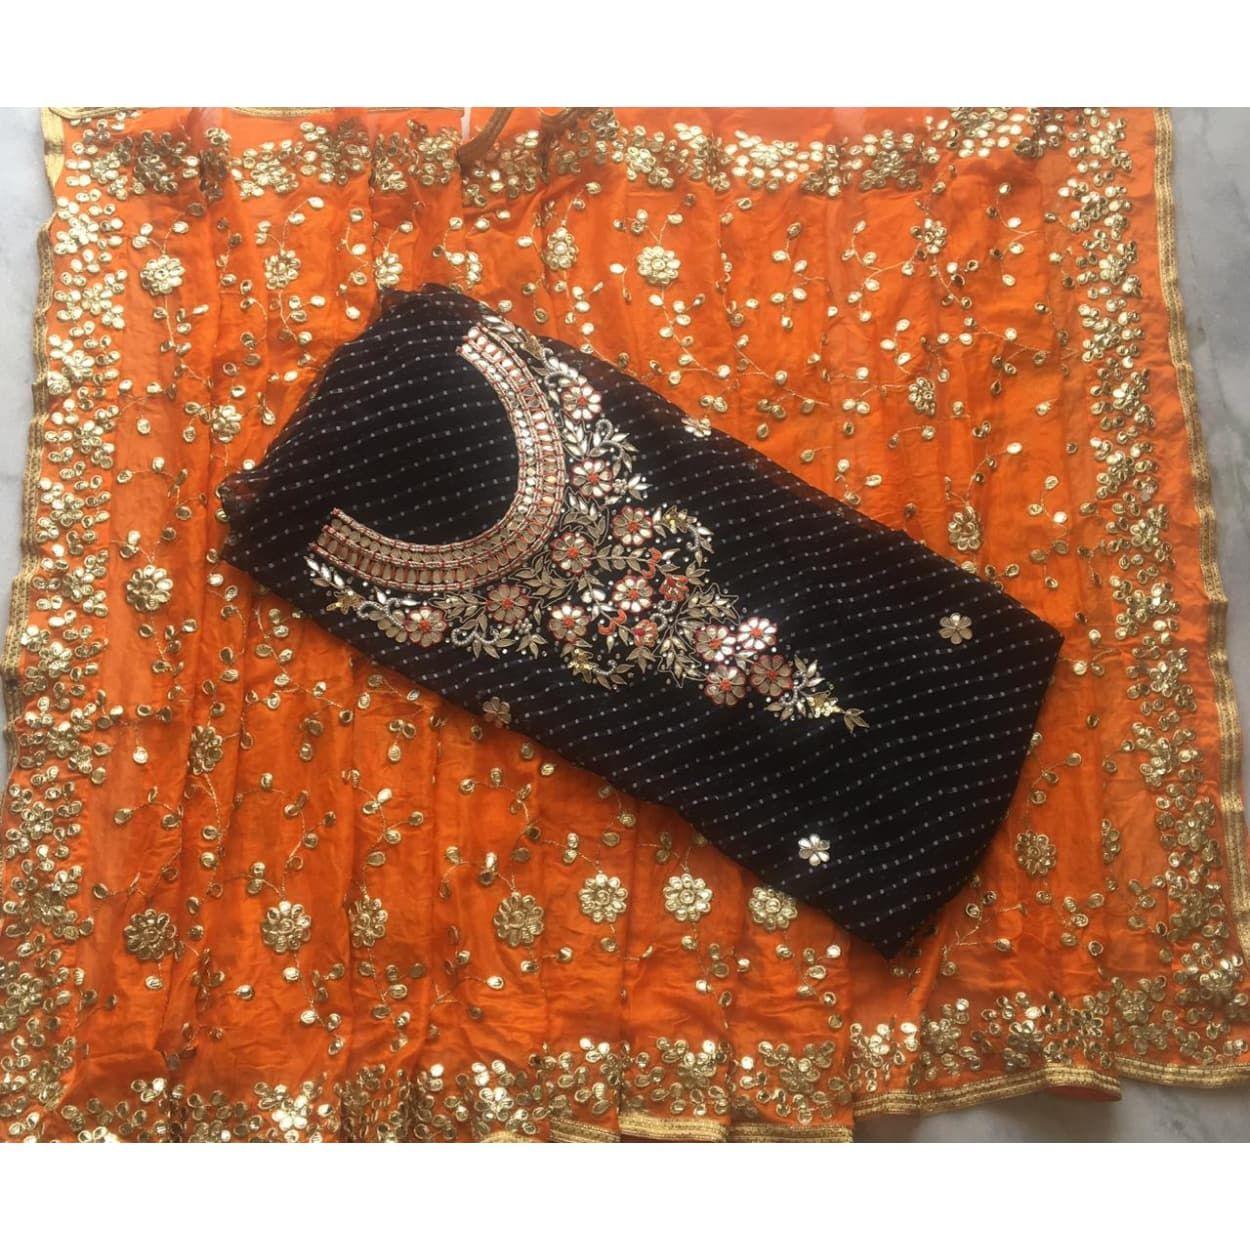 072a75b1cc Buy Black leheriya Gota Patti Work Suit|Salwar Kameez| Jhakhas #orange  #blacksuits